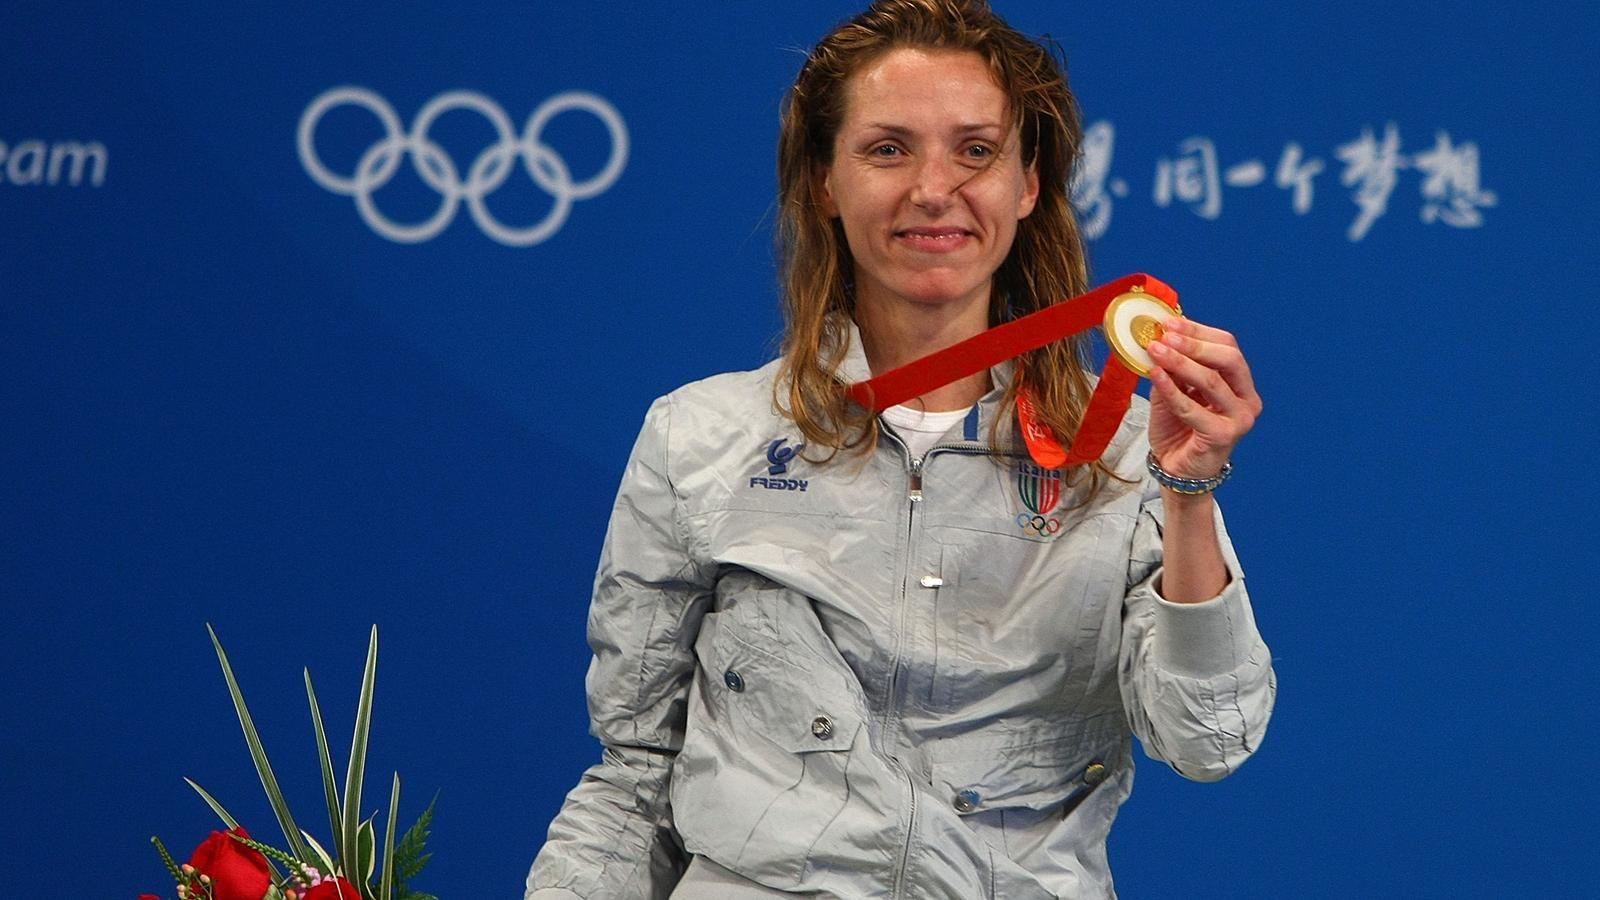 Photo of Leggende dello sport: l'11 agosto 2008 Valentina Vezzali vince il terzo oro consecutivo alle Olimpiadi di Pechino 2008